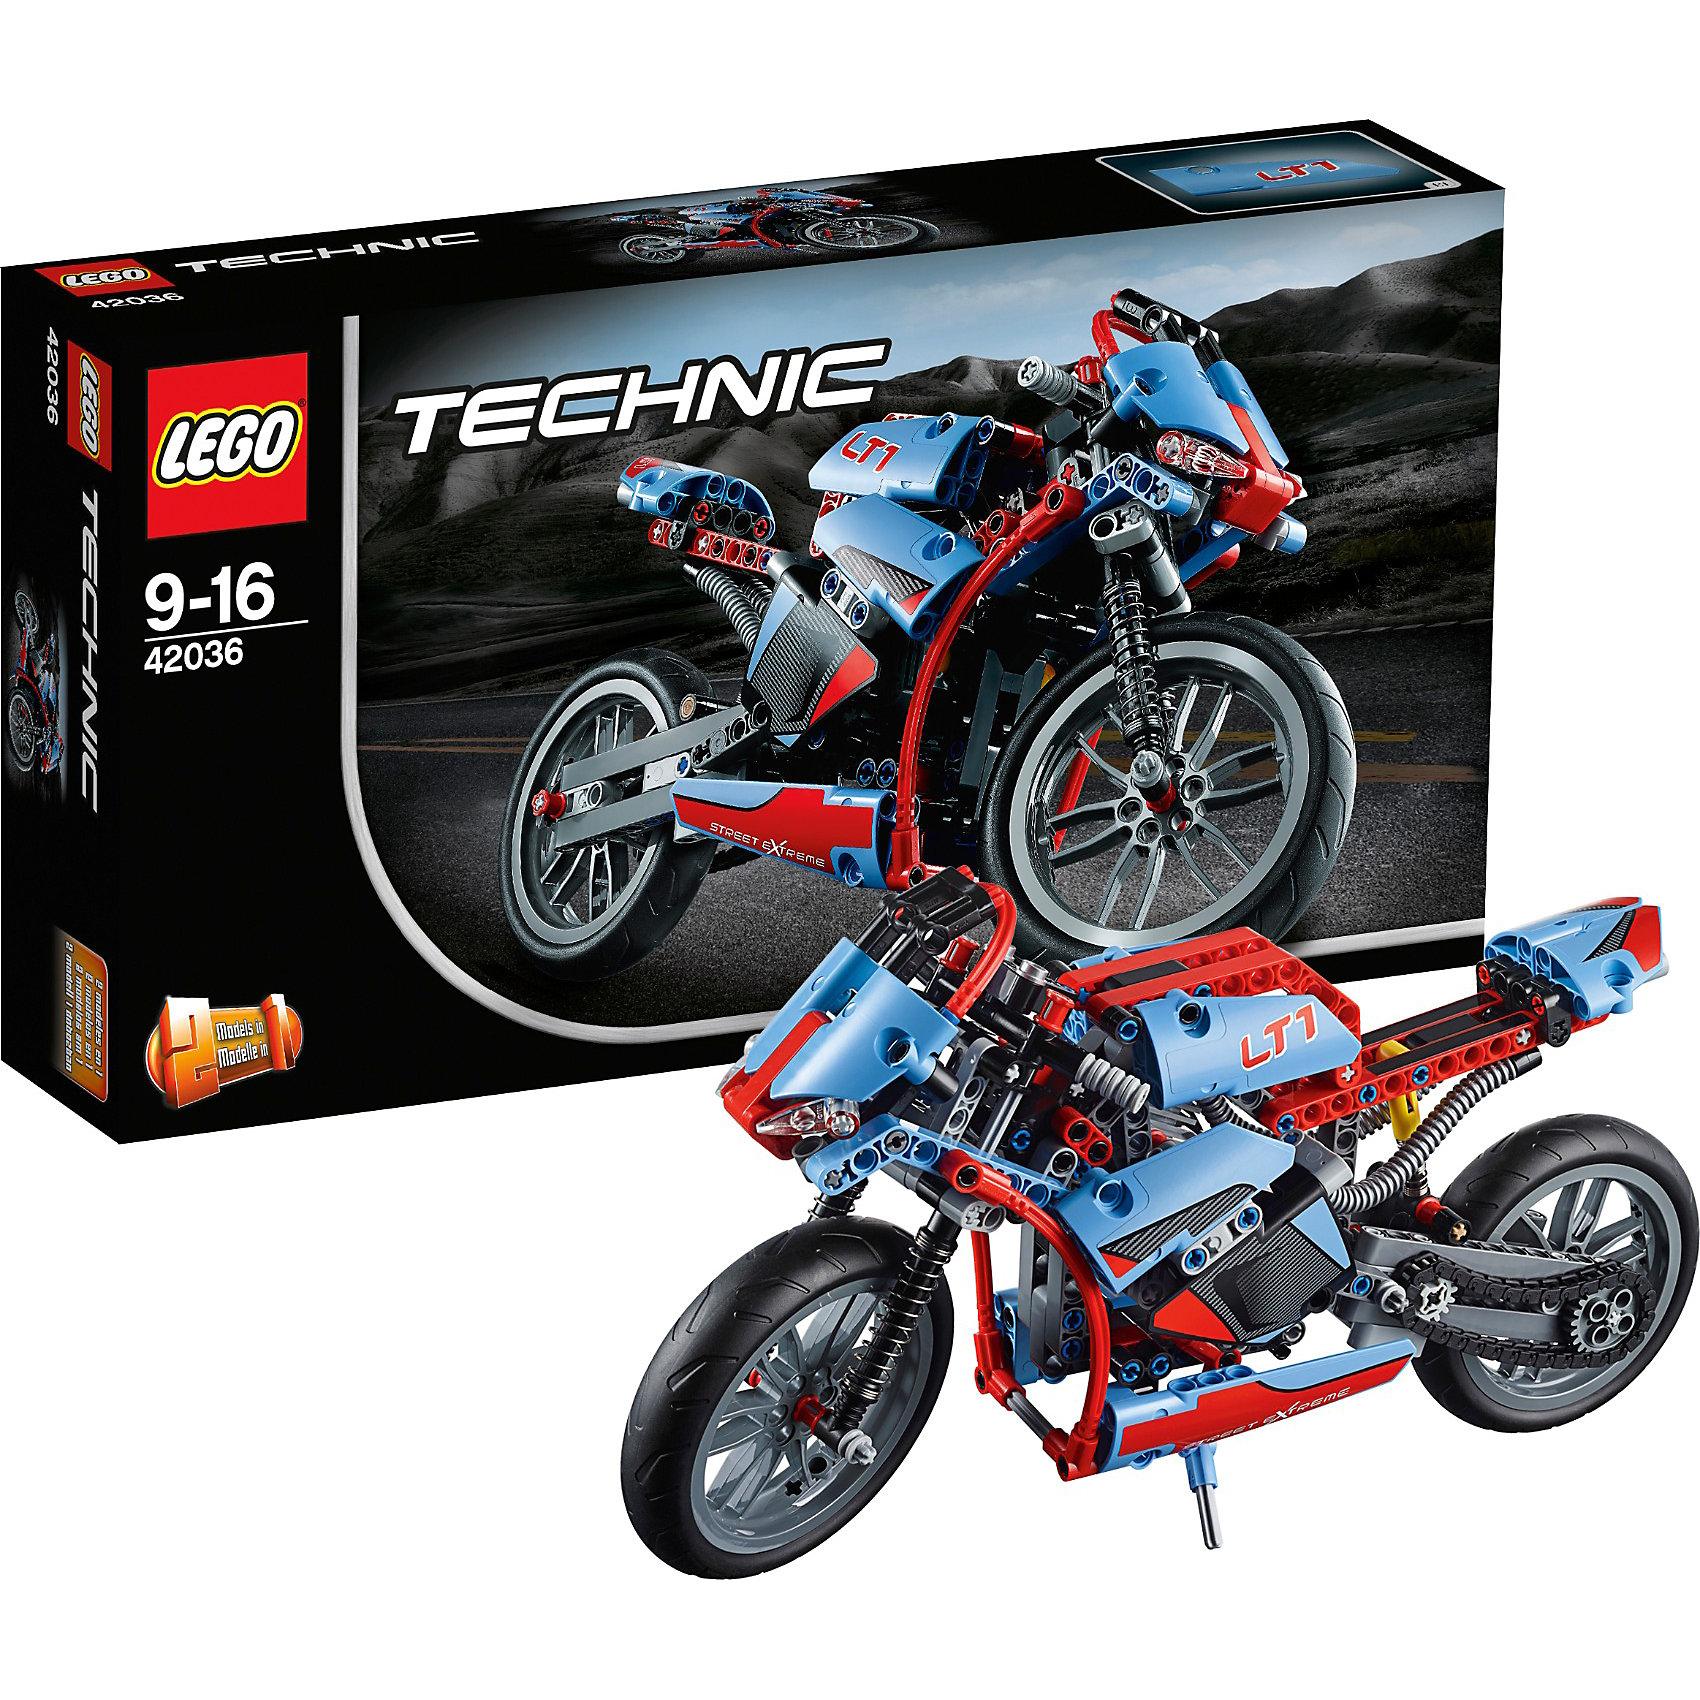 LEGO Technic 42036: СпортбайкLEGO Technic (ЛЕГО Техник) 42036: Спортбайк представляет собой детализированную модель мотоцикла с множеством активных функций. Легкая, маневренная и одновременно мощная машина способна быстро ускоряться. Под сидением гонщика располагается мощный мотор. Во время движения его поршни могут подниматься и опускаться, приводя в движение колеса. Переднее колесо имеет реалистичное рулевое управление, позволяющее маневрировать на трассе и плавно входить в повороты. Кроме того спортбайк оснащён откидной подножкой, позволяющей надёжно зафиксировать модель в вертикальном положении. Сборка Спортбайка поможет начинающим механикам разобраться в системе рулевого управления, амортизаторов, схеме подвески и передачи крутящего момента. Игрушка станет интересна детям, уже познакомившимся с конструкторами серии ЛЕГО Техник, т.к. набор отличается повышенной сложностью.<br>Модель 2-в-1: из деталей набора можно собрать ретро-байк.<br><br>Все наборы серии ЛЕГО Техник позволяют собрать довольно подробные модели транспортных средств, которые помогают ребенку составить представление о том, как устроены и работают автомобили. Построение моделей техник способствует развитию мелкой моторики, логики, пространственного воображения. В серии Лего Техник найдутся транспортные средства на любой вкус: тракторы и экскаваторы, внедорожники и квадроциклы, самосвалы и гоночные автомобили. Некоторые машины можно моторизировать с помощью Power Function (продается отдельно). Модели ЛЕГО Техник высокодетализированы и имеют множество подвижных узлов и действующих механизмов.<br><br>Дополнительная информация:<br>-Размеры упаковки: 35,4х19,1х7 см<br>-Размер спортбайка в собранном виде: 17х32х8 см<br>-Размер в виде ретро-байка: 13 х 33 х 10 см<br>-Вес: 0,55 кг<br>-Состав: 375 деталей, инструкция<br>-Материал: пластик<br>-Весь набор упакован в фирменную картонную коробку ЛЕГО<br><br>LEGO Technic (ЛЕГО Техник) 42036: Спортбайк можно купить в нашем магазине.<br><br>Ширина мм: 357<br>Глуби